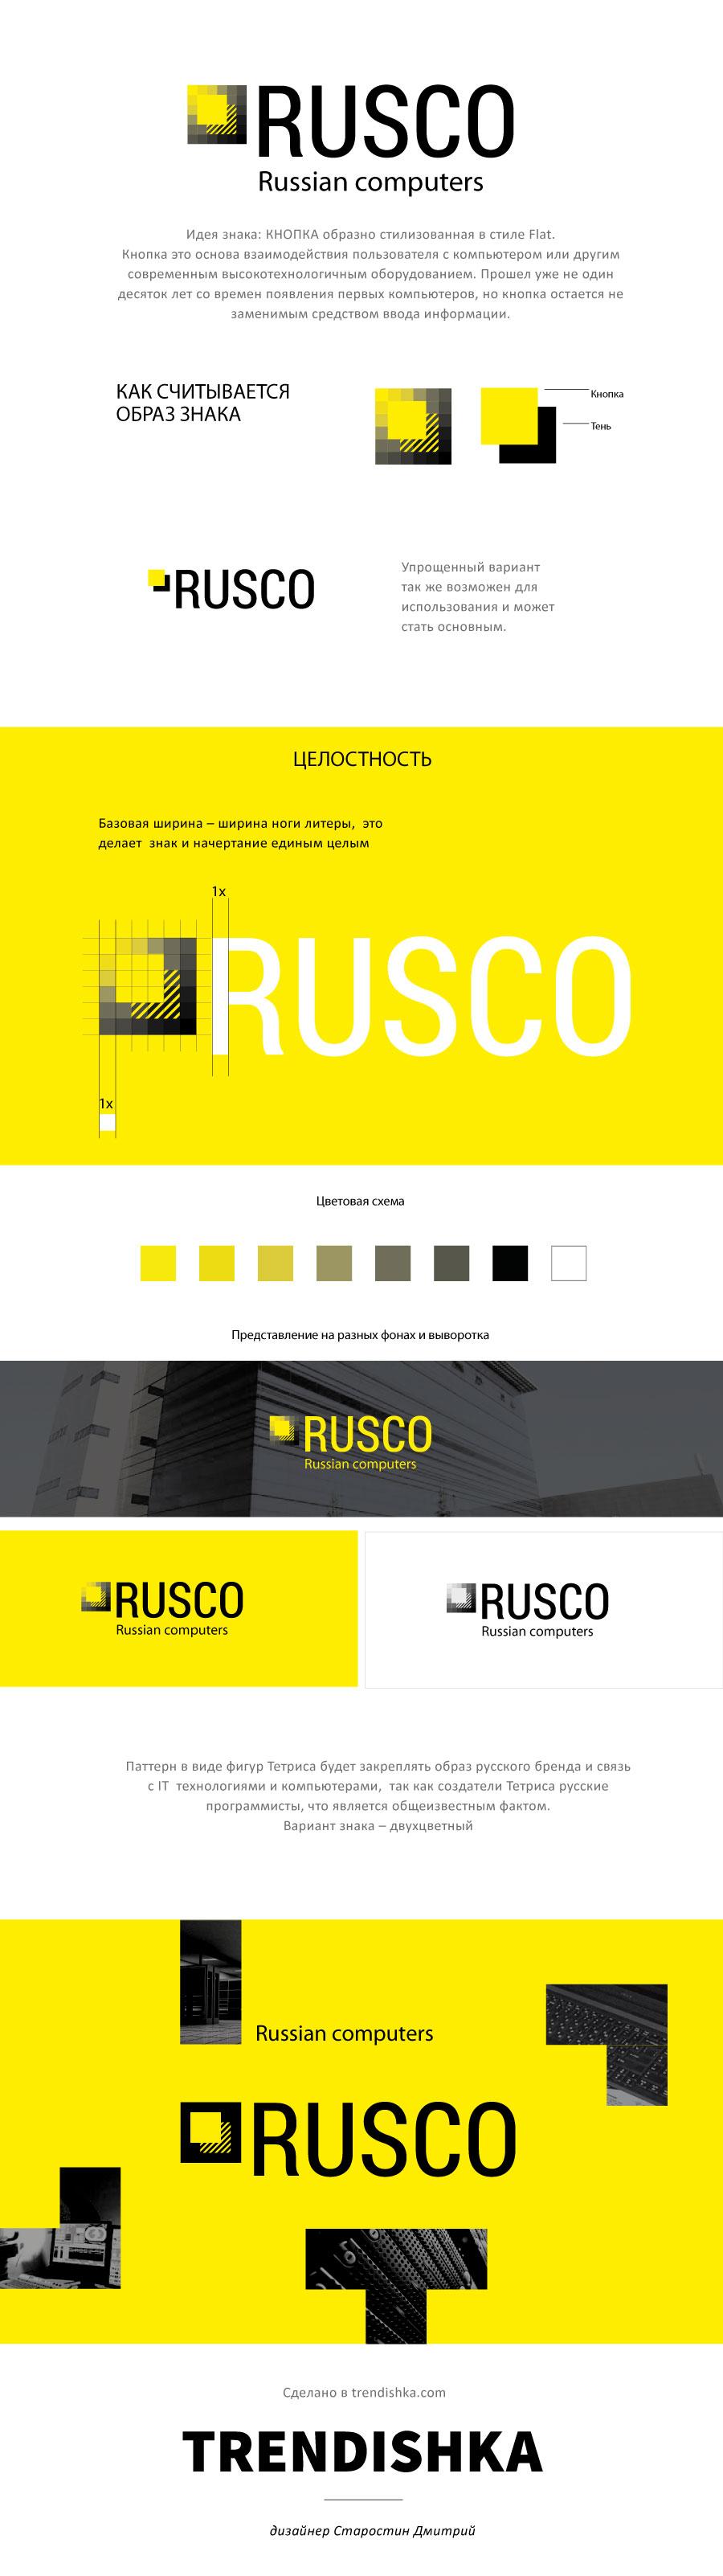 RUSCO фото f_836547dbc06b81c8.jpg